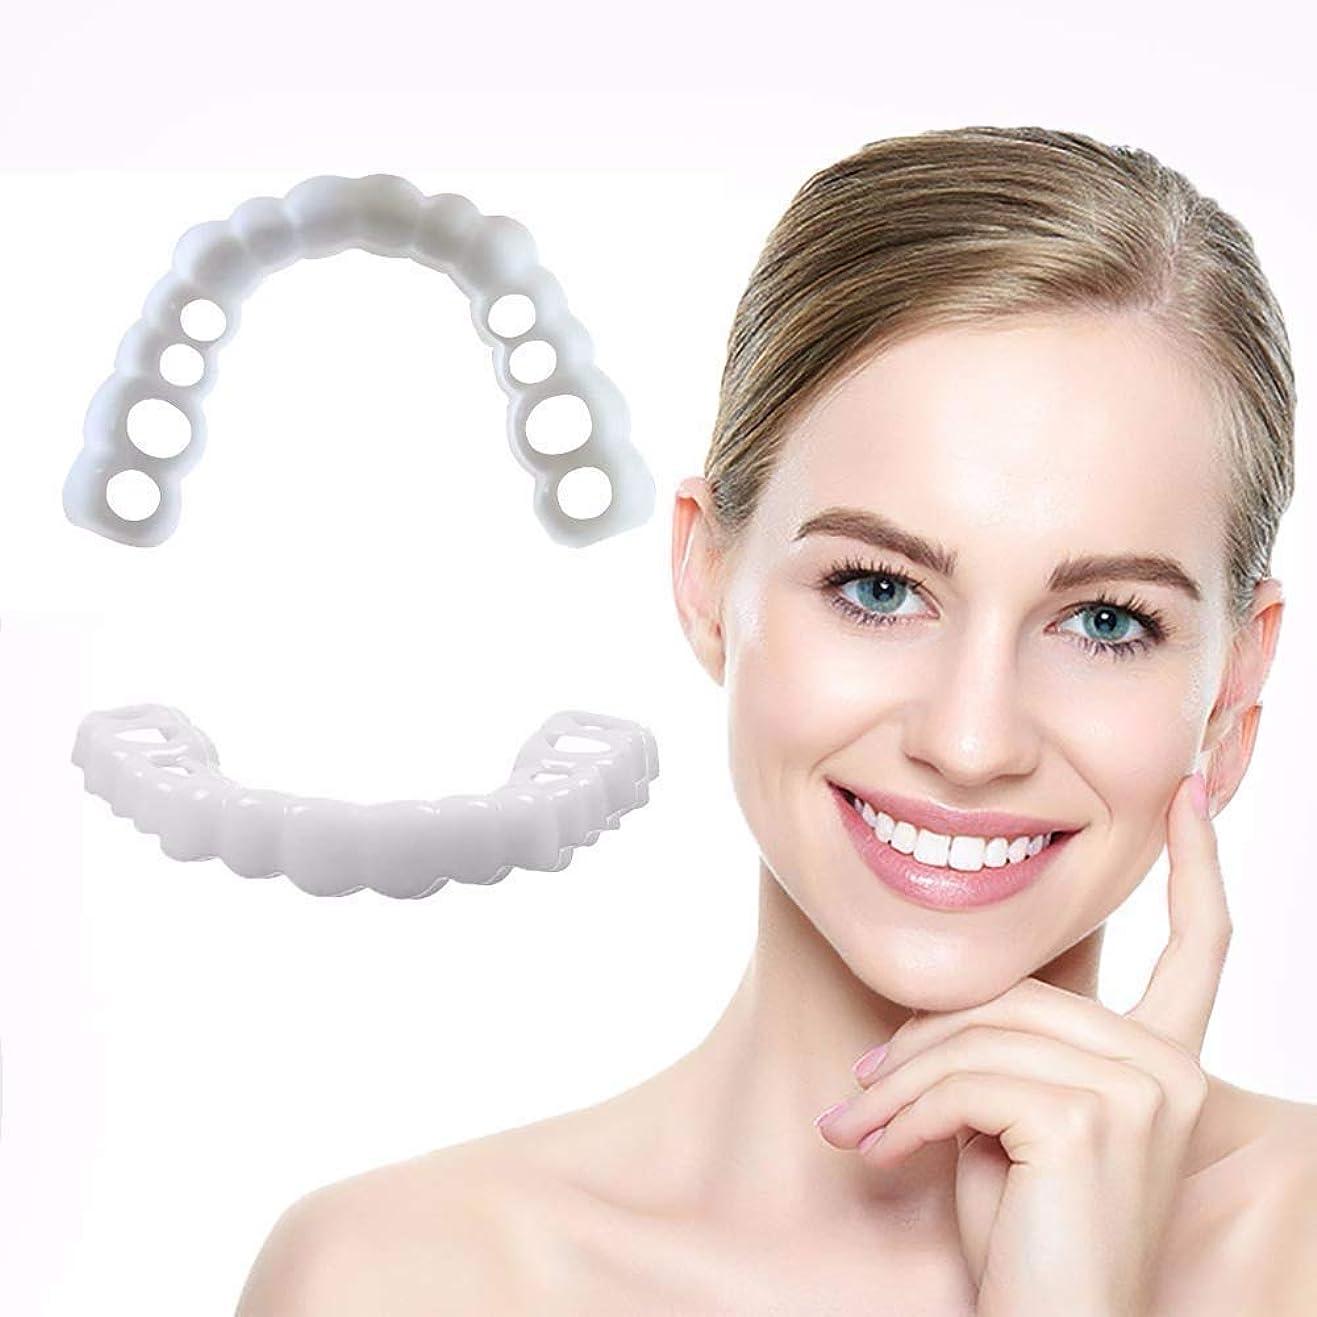 領収書過ちニコチン2組の完全な微笑のベニヤ義歯の歯の化粧品のステッカーは分以内に家であなたの微笑を修理します